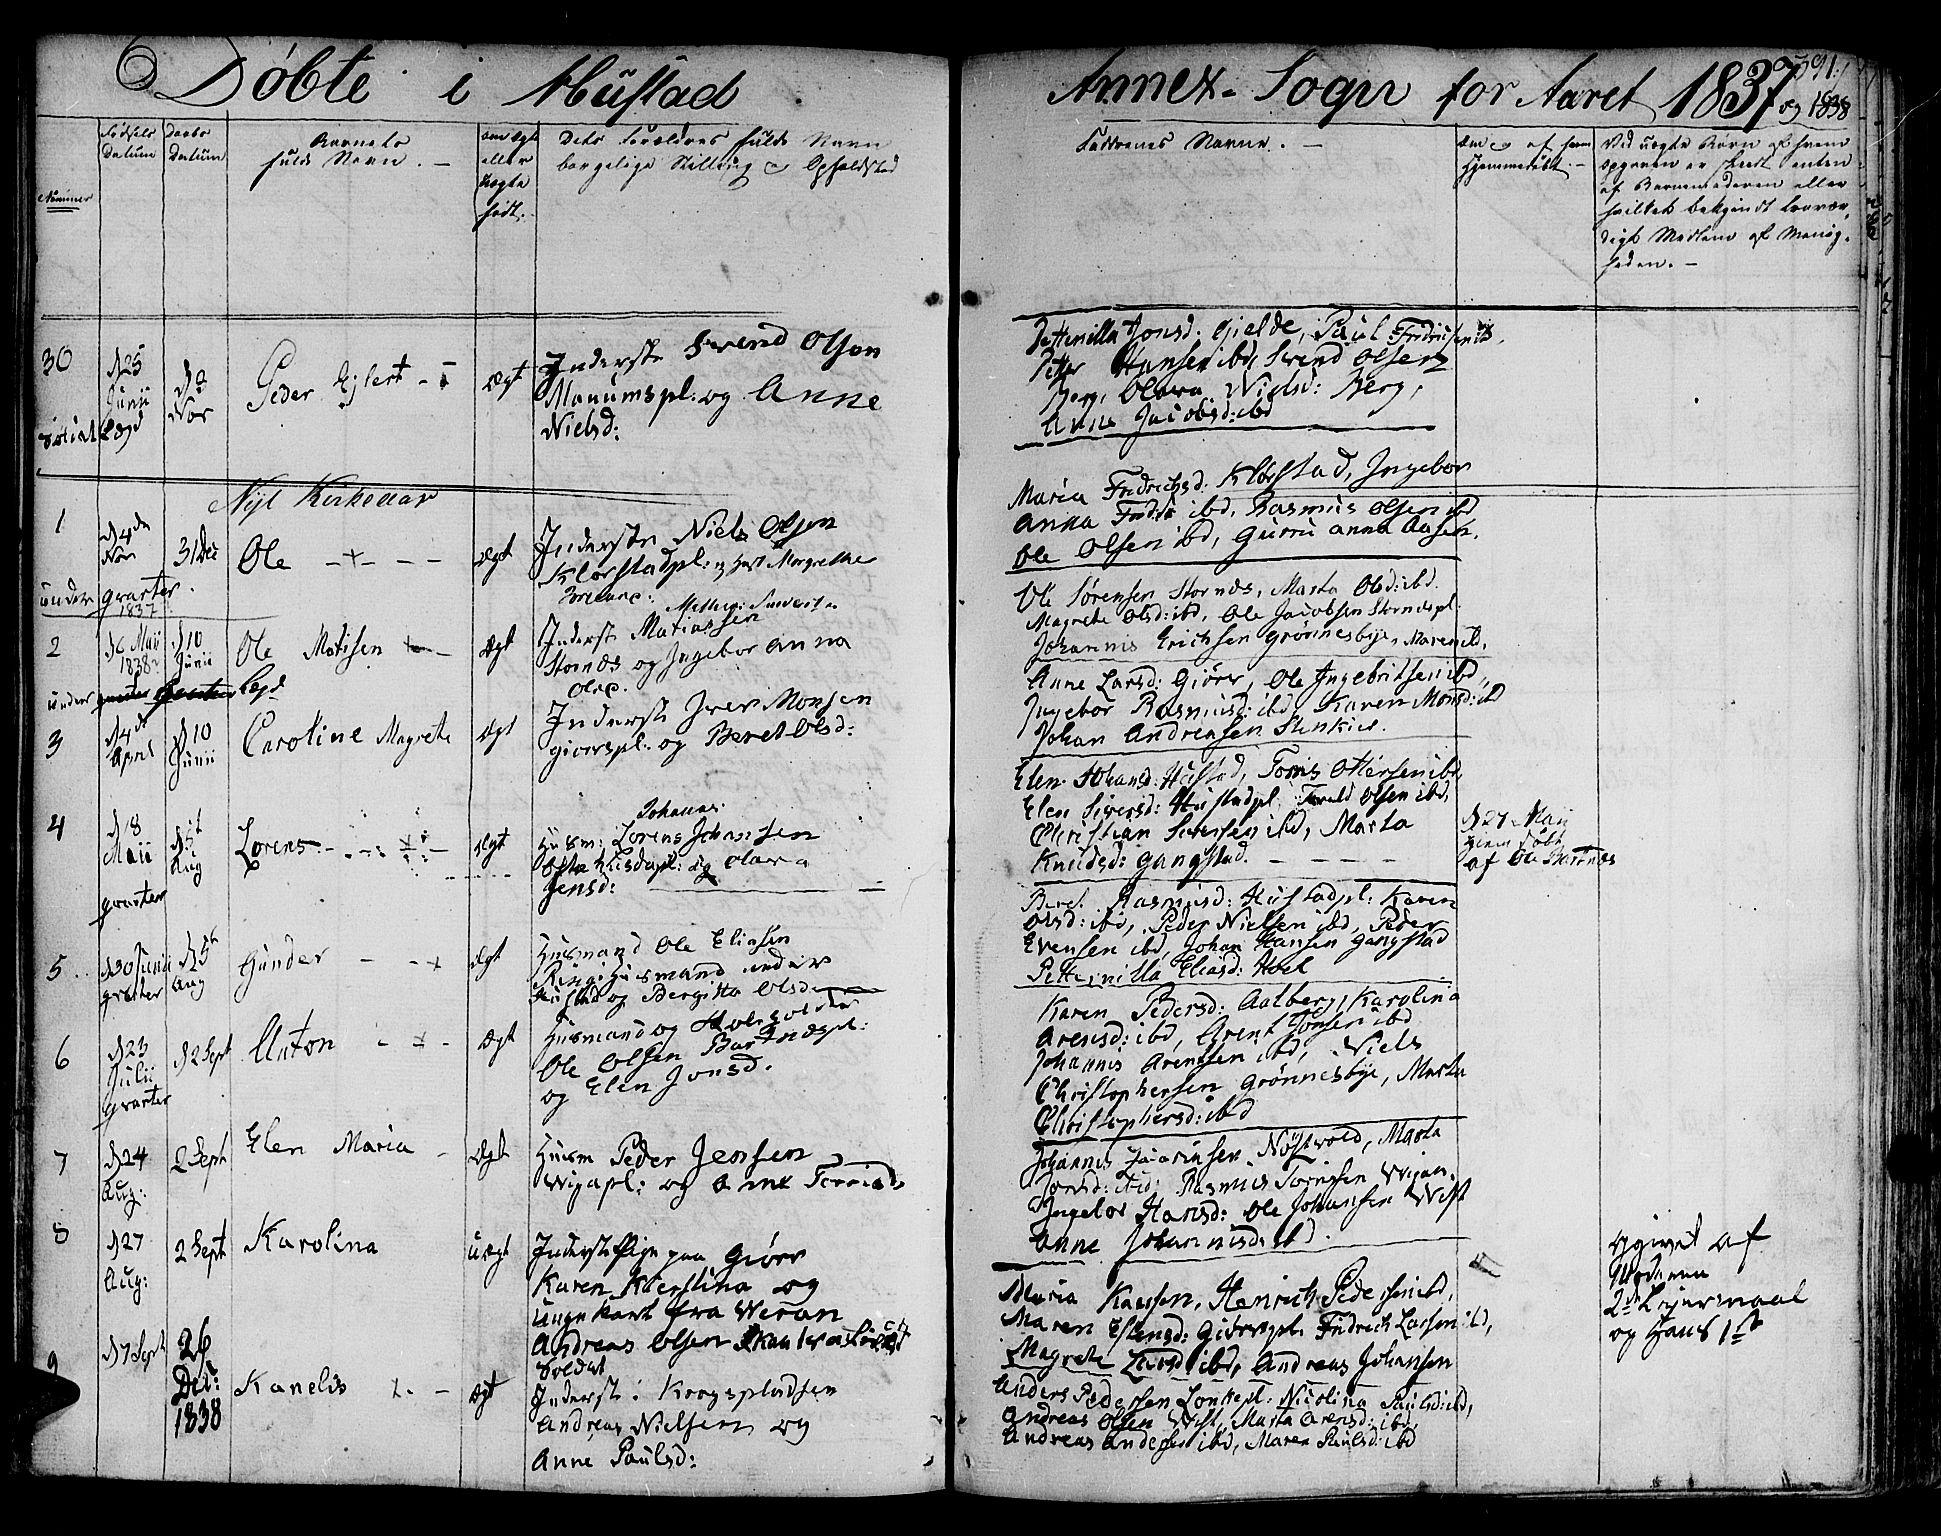 SAT, Ministerialprotokoller, klokkerbøker og fødselsregistre - Nord-Trøndelag, 730/L0277: Ministerialbok nr. 730A06 /3, 1830-1839, s. 391